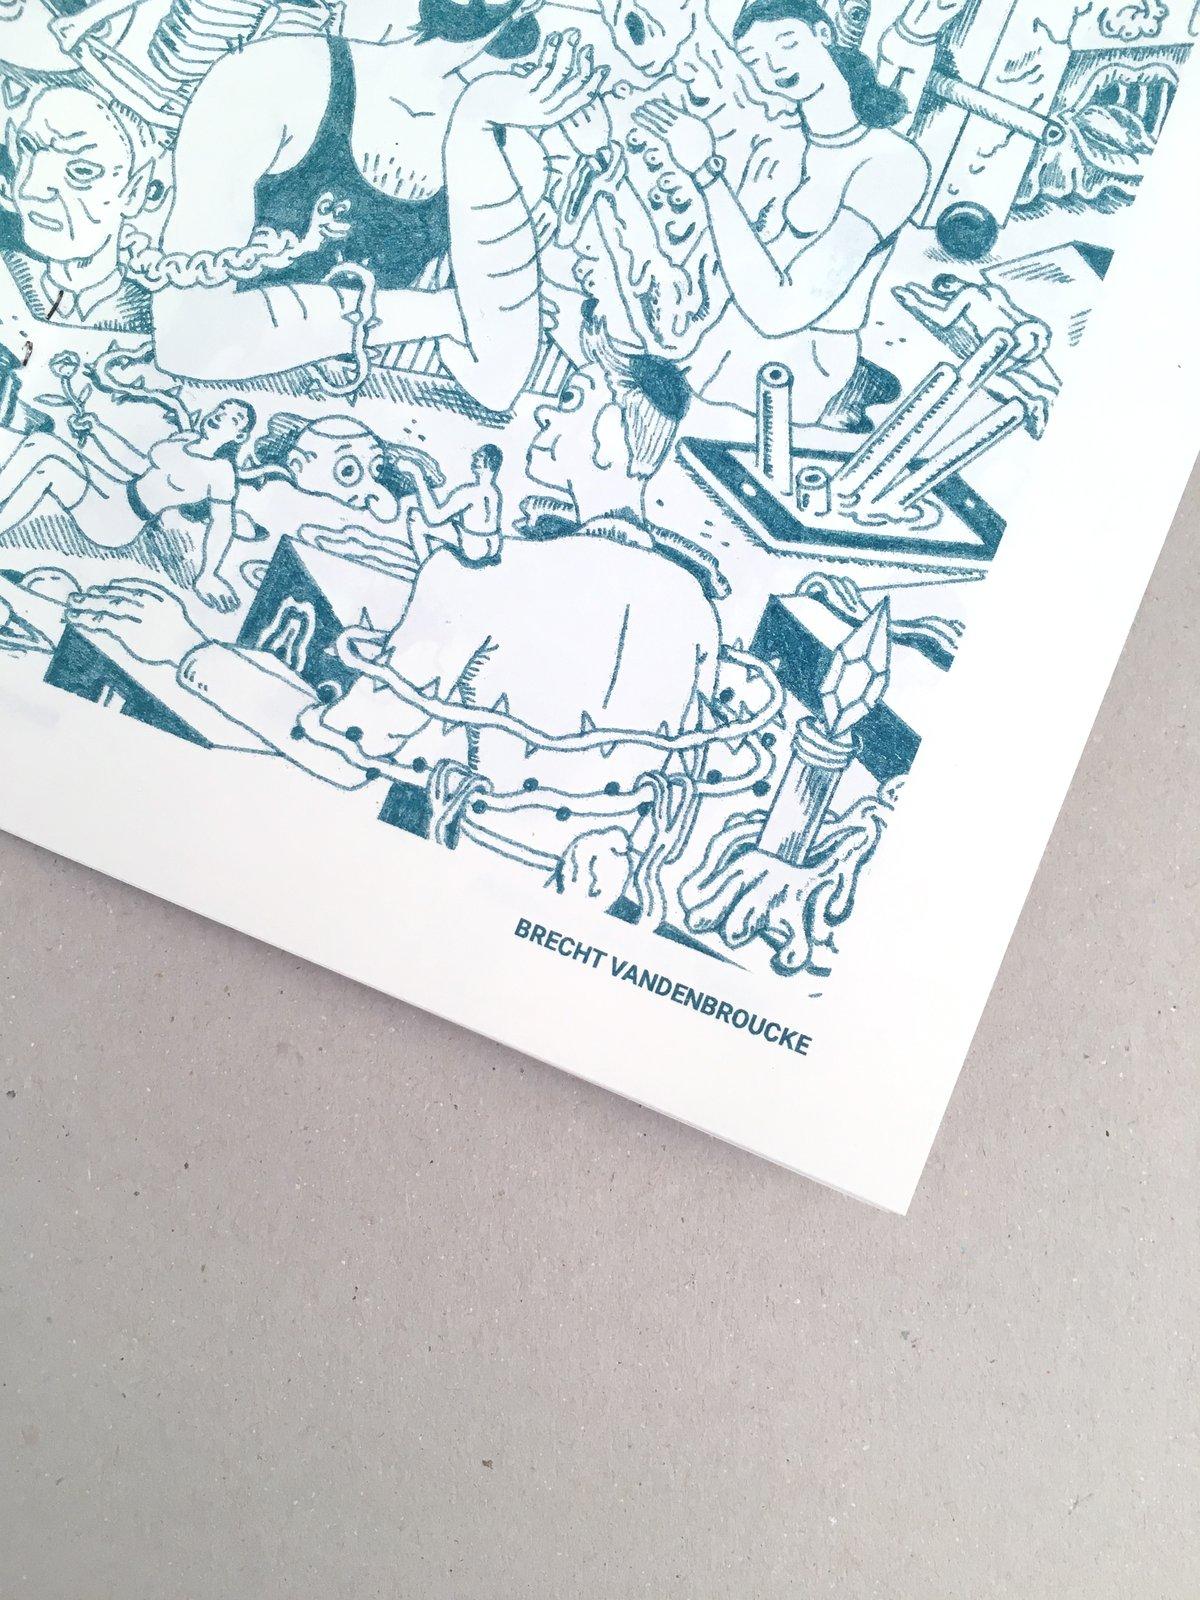 Image of Speelplaats — Fanzine